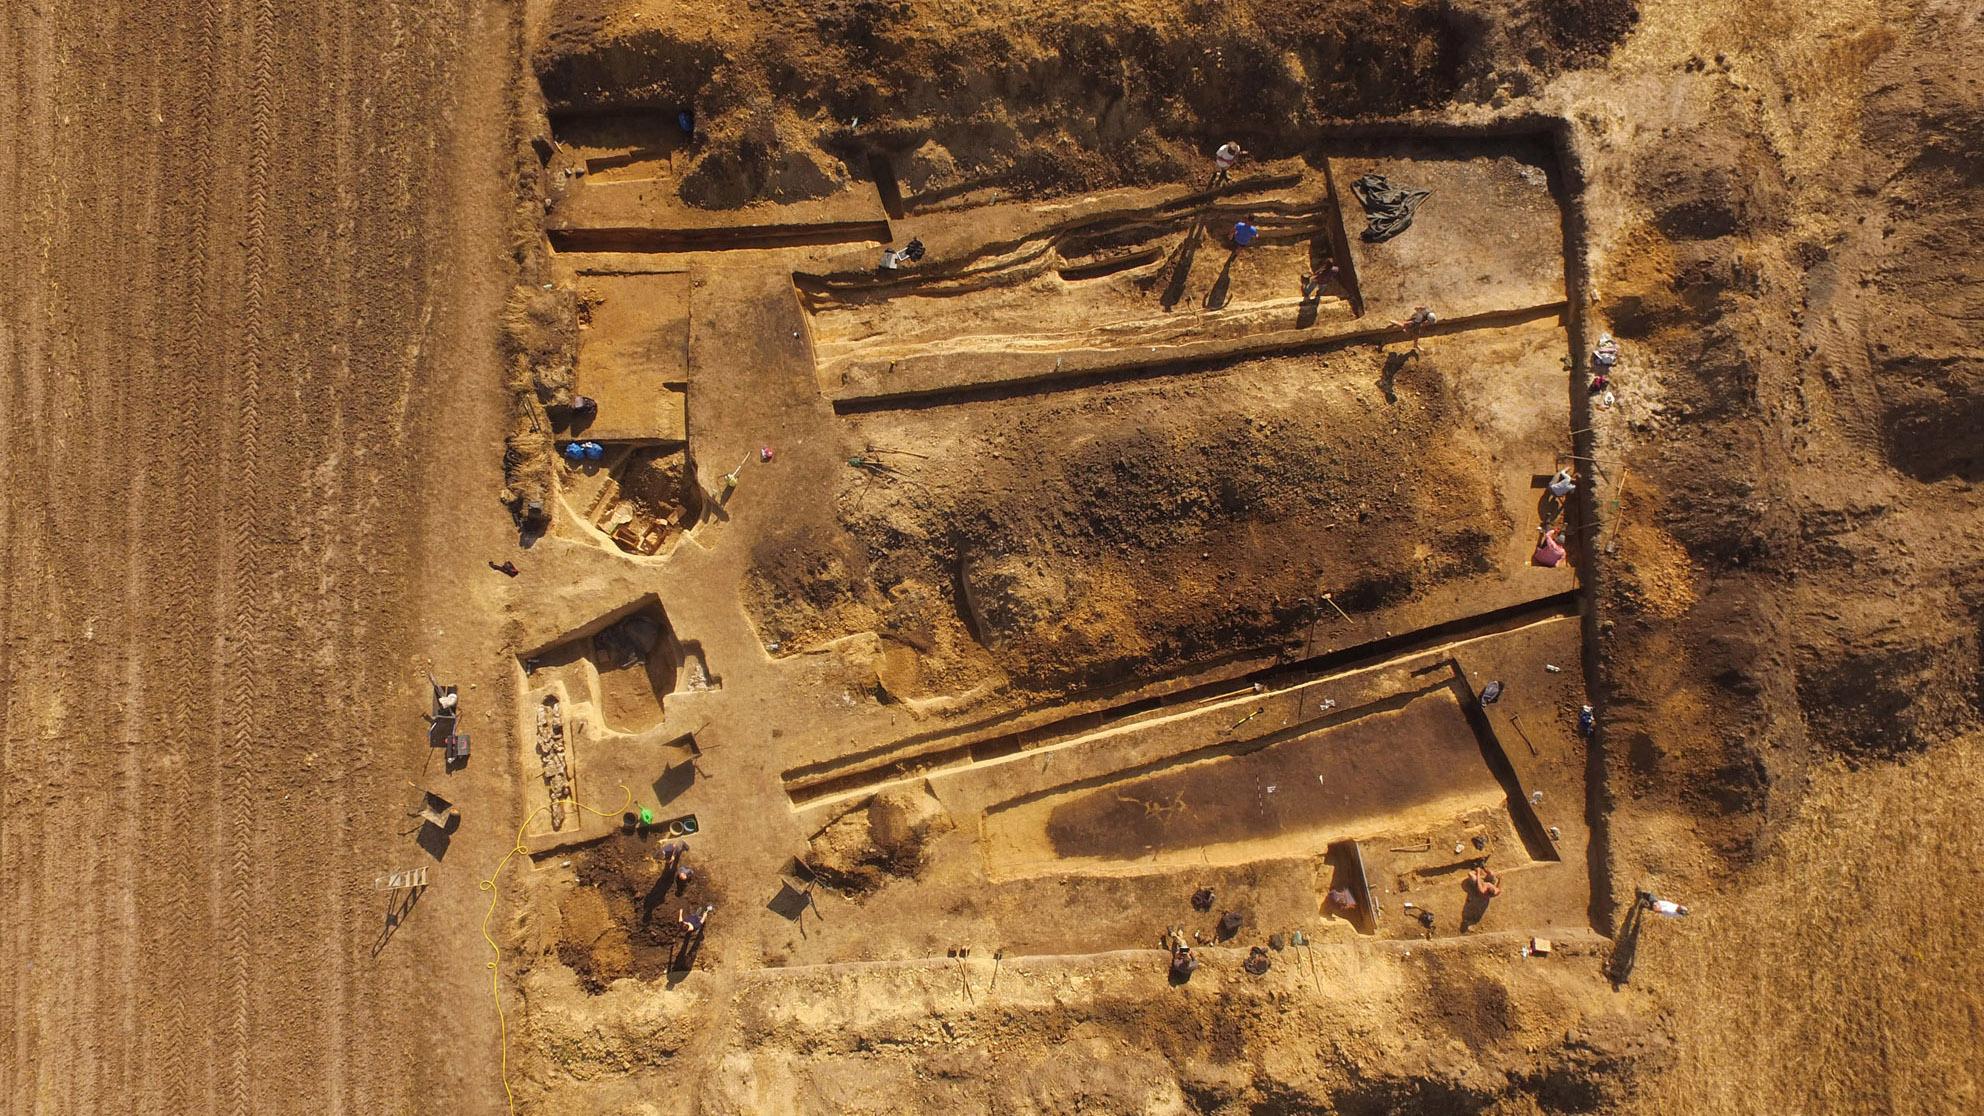 On pense que l'ancien cimetière date d'il y a environ 5500 ans.  Sept brouettes de plus de 130 pieds de long ont été excavées jusqu'à présent et il pourrait y en avoir plus d'une douzaine.